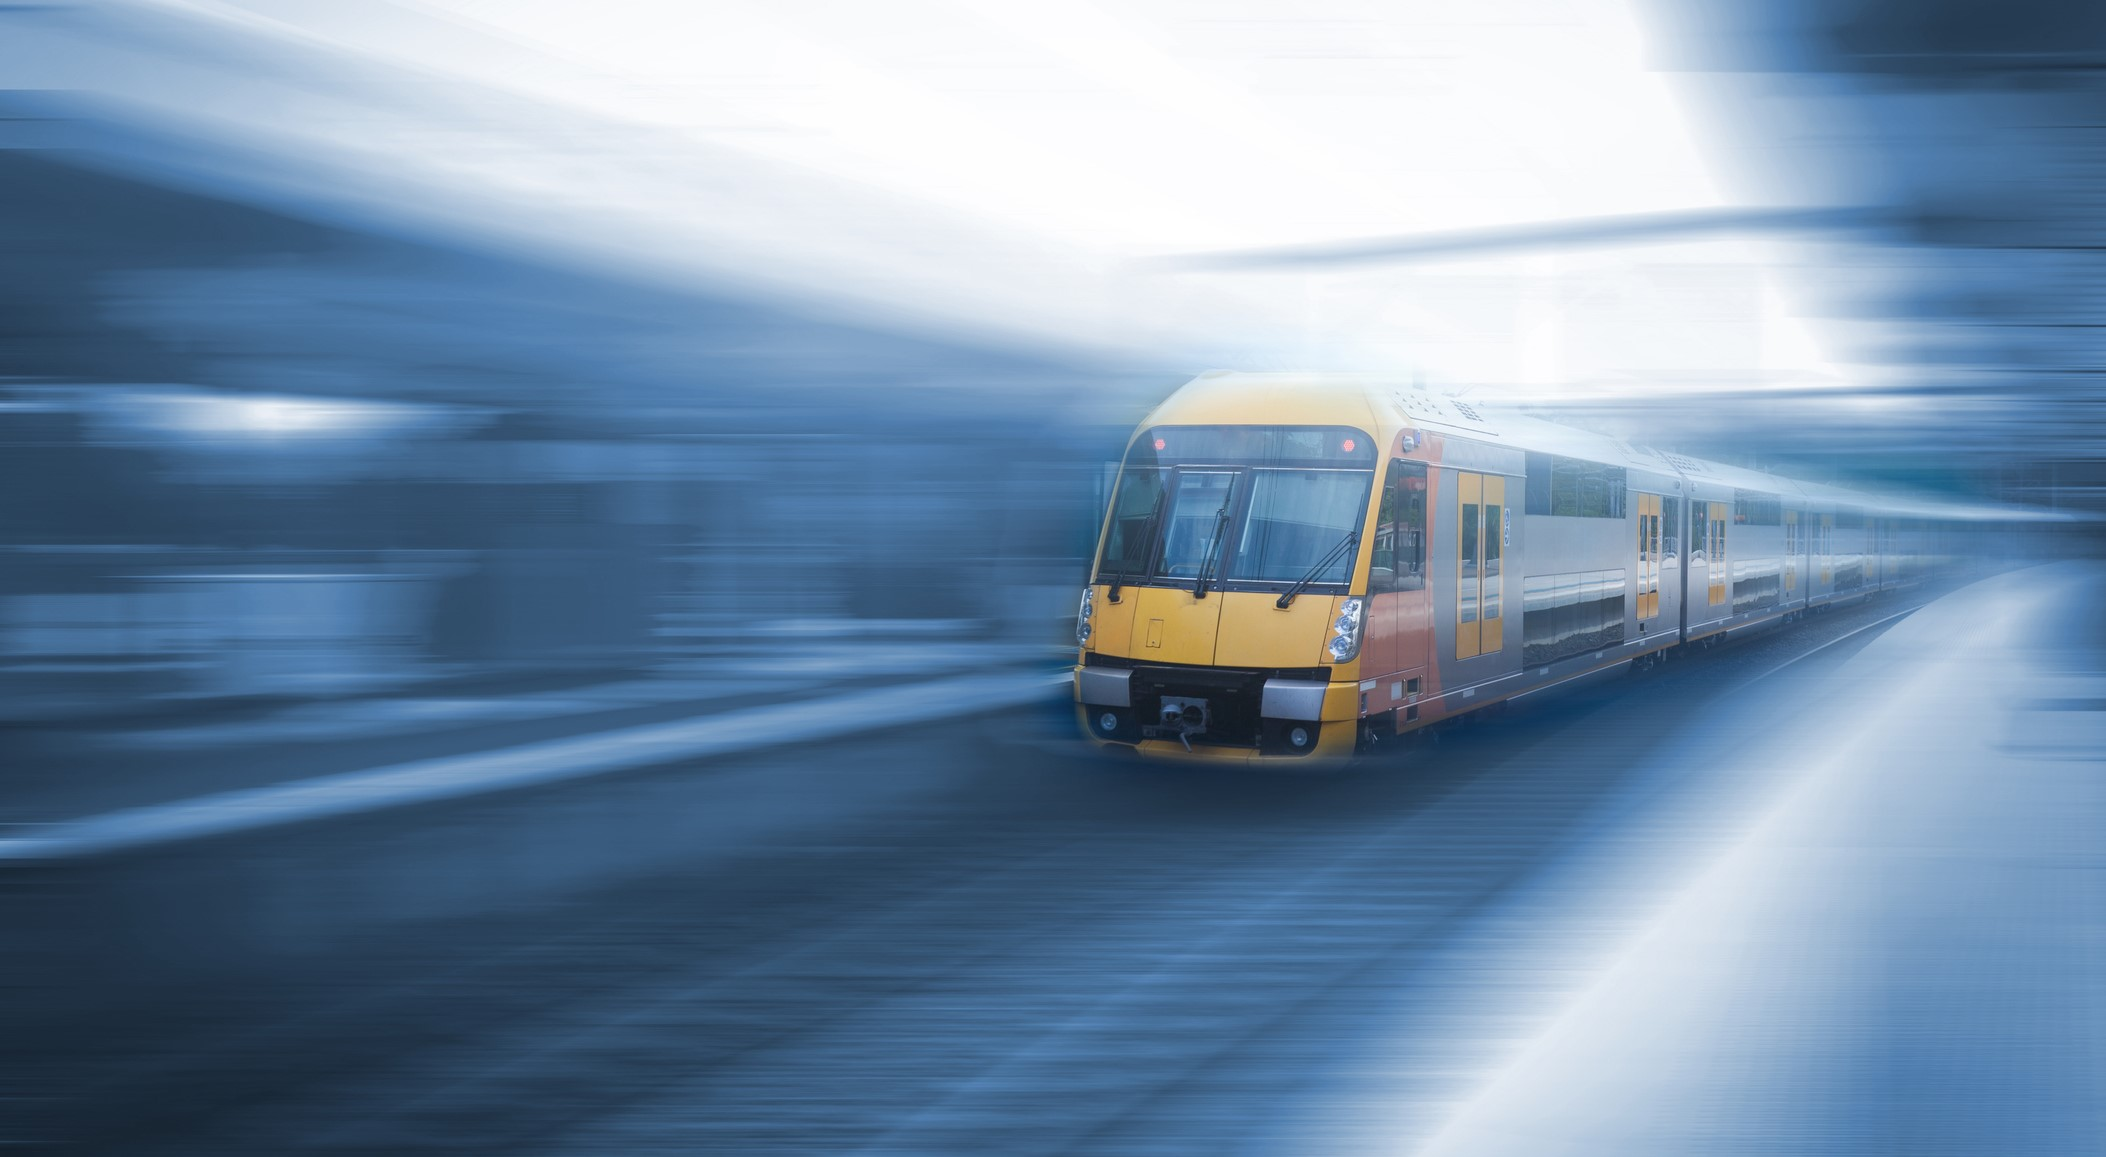 A train in Sydney